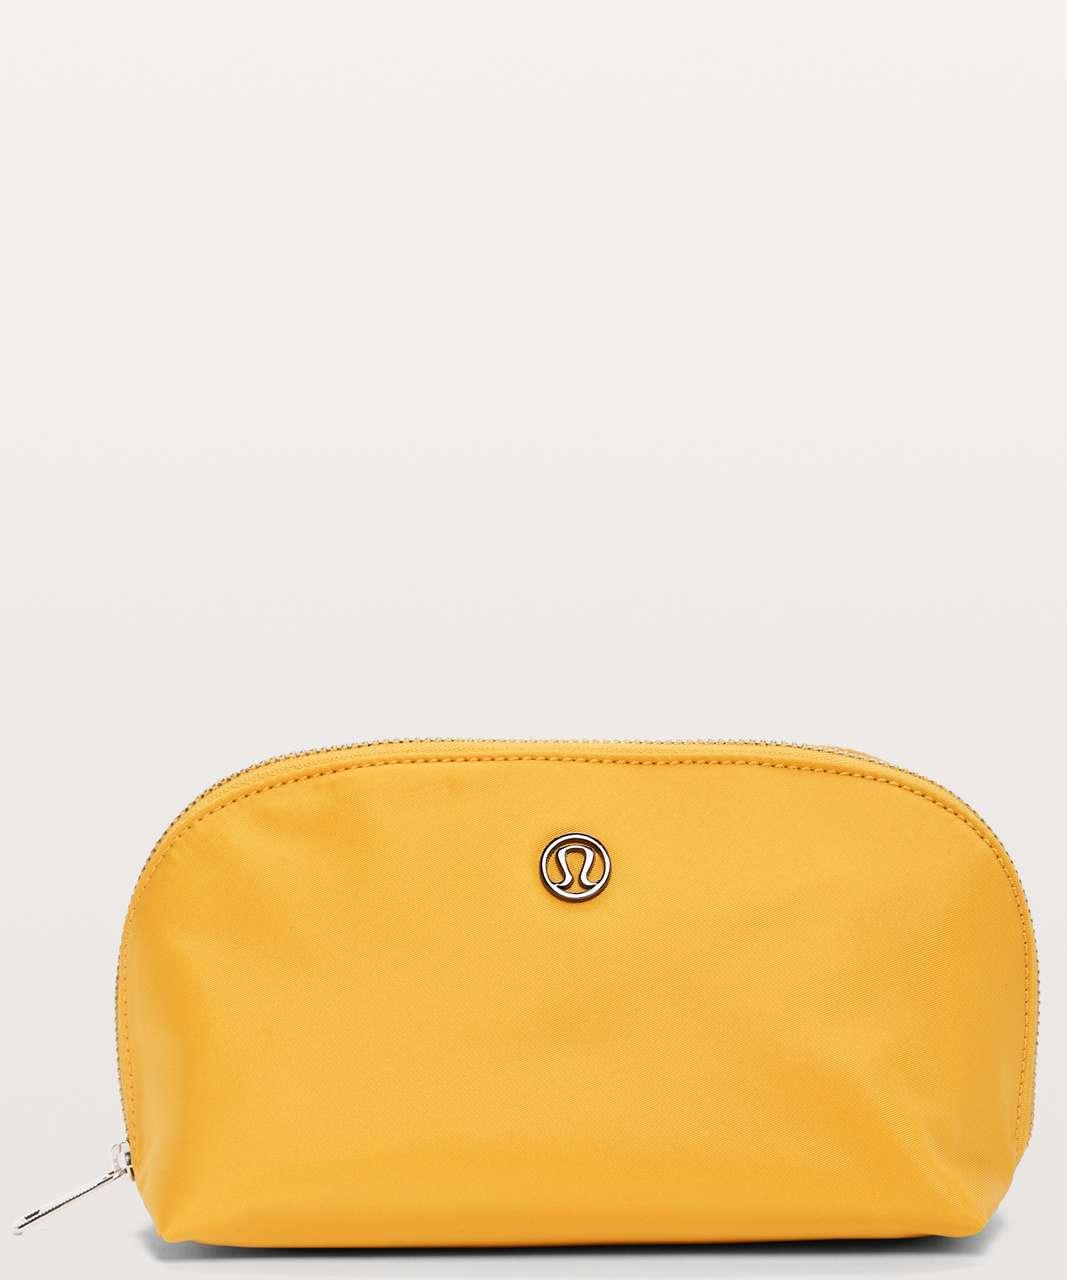 Lululemon Sun Up Sun Down Pouch *Mini 1.5L - Honey Lemon